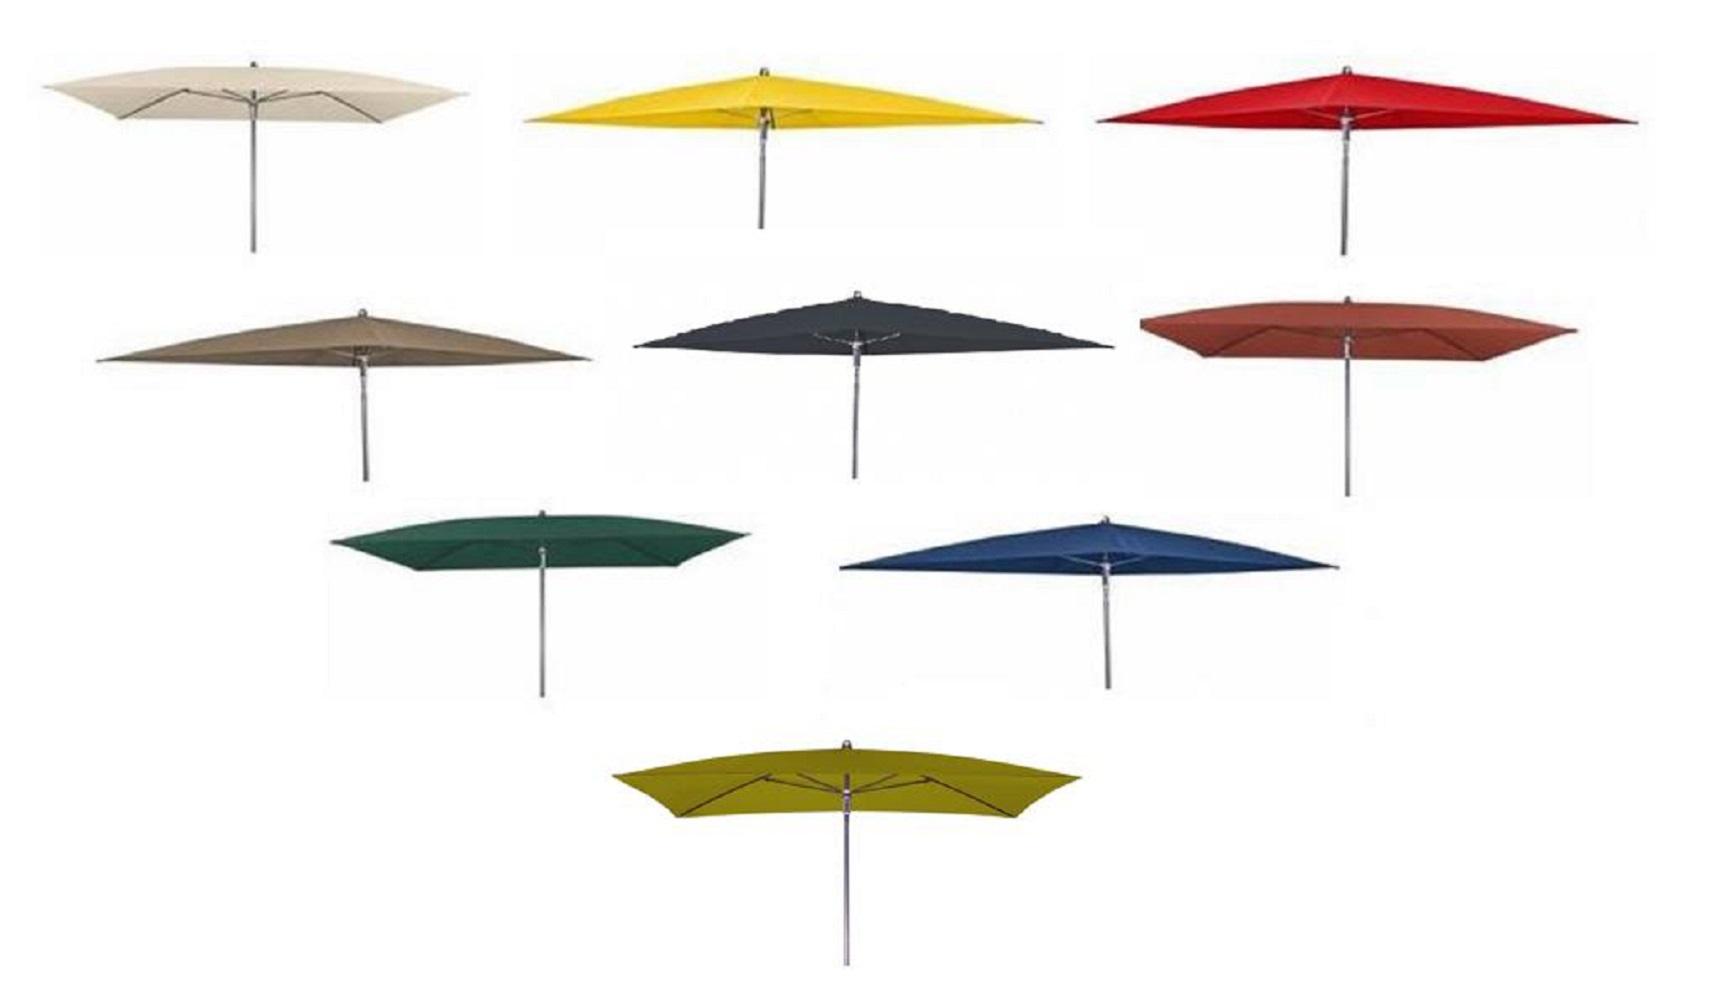 waterproof iii wasserdichter sonnenschirm 225x120cm ohne volant sonnenschirme sonnenschutz. Black Bedroom Furniture Sets. Home Design Ideas